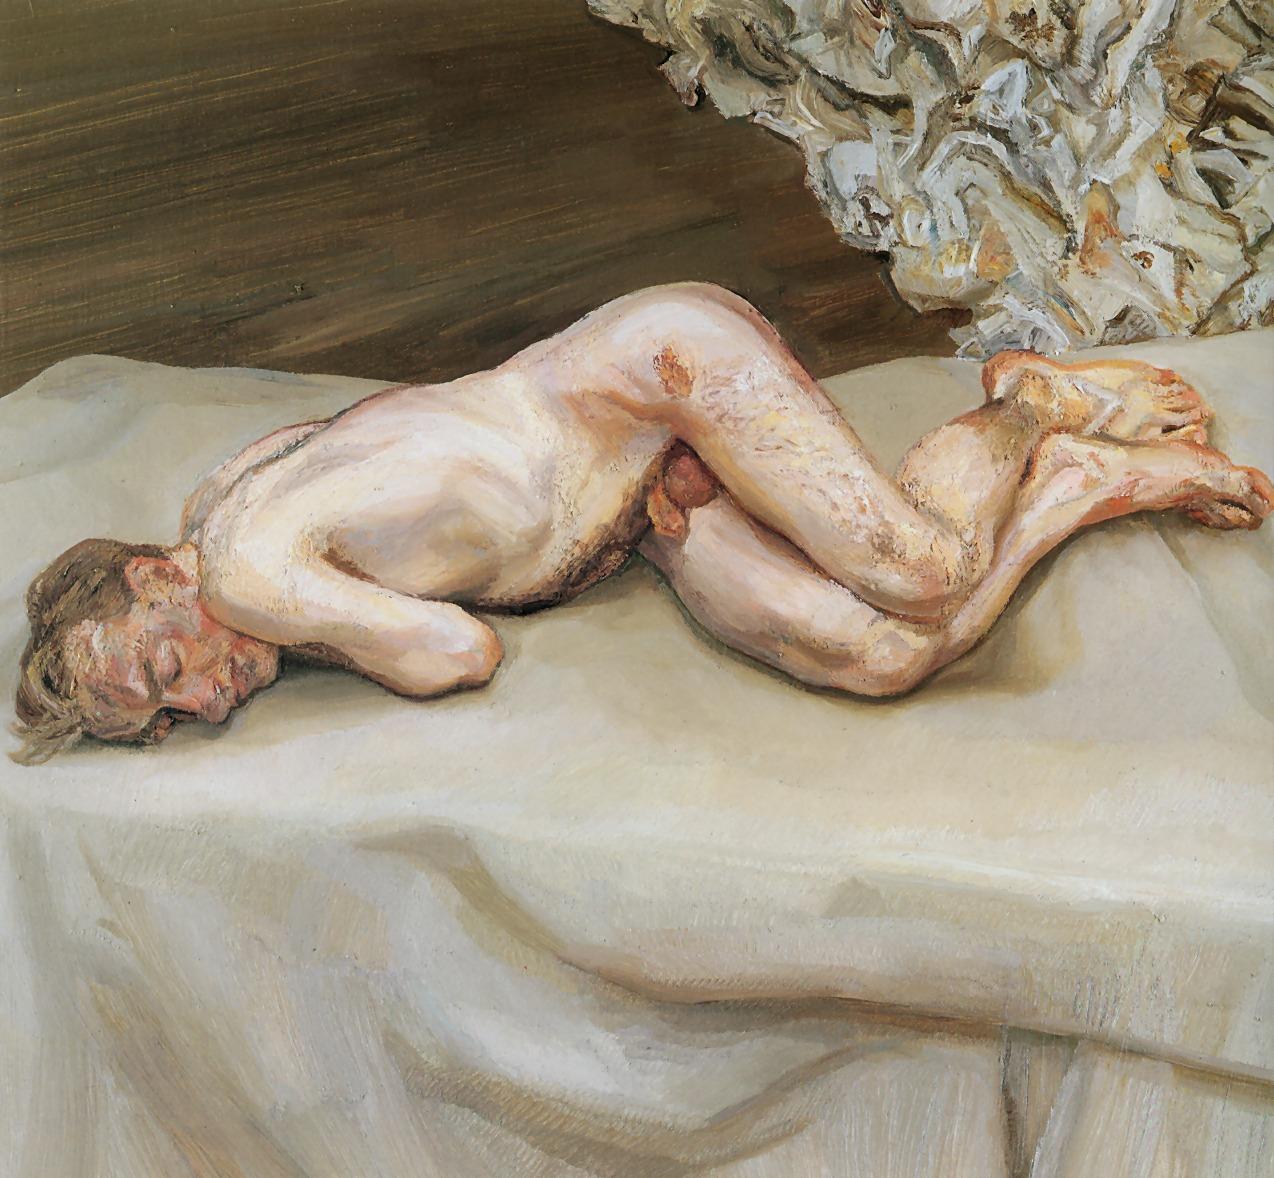 Спящие голые мужчины фото 5 фотография